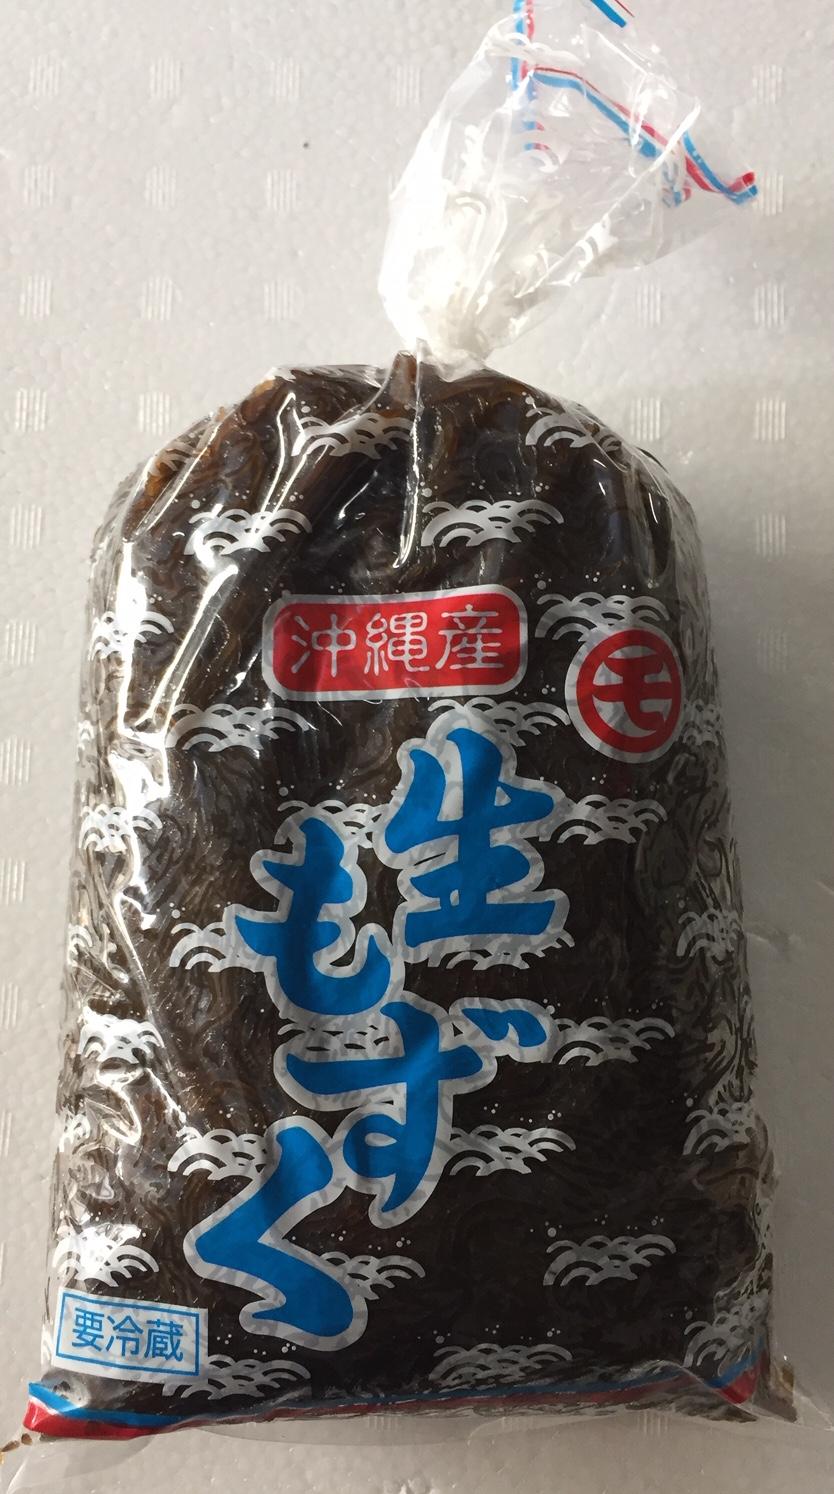 沖縄産の生もずくです 直輸入品激安 ポン酢などでお召し上がりください 生もずく1kg 沖縄産 なまもずく 冷蔵便でお届けです 再販ご予約限定送料無料